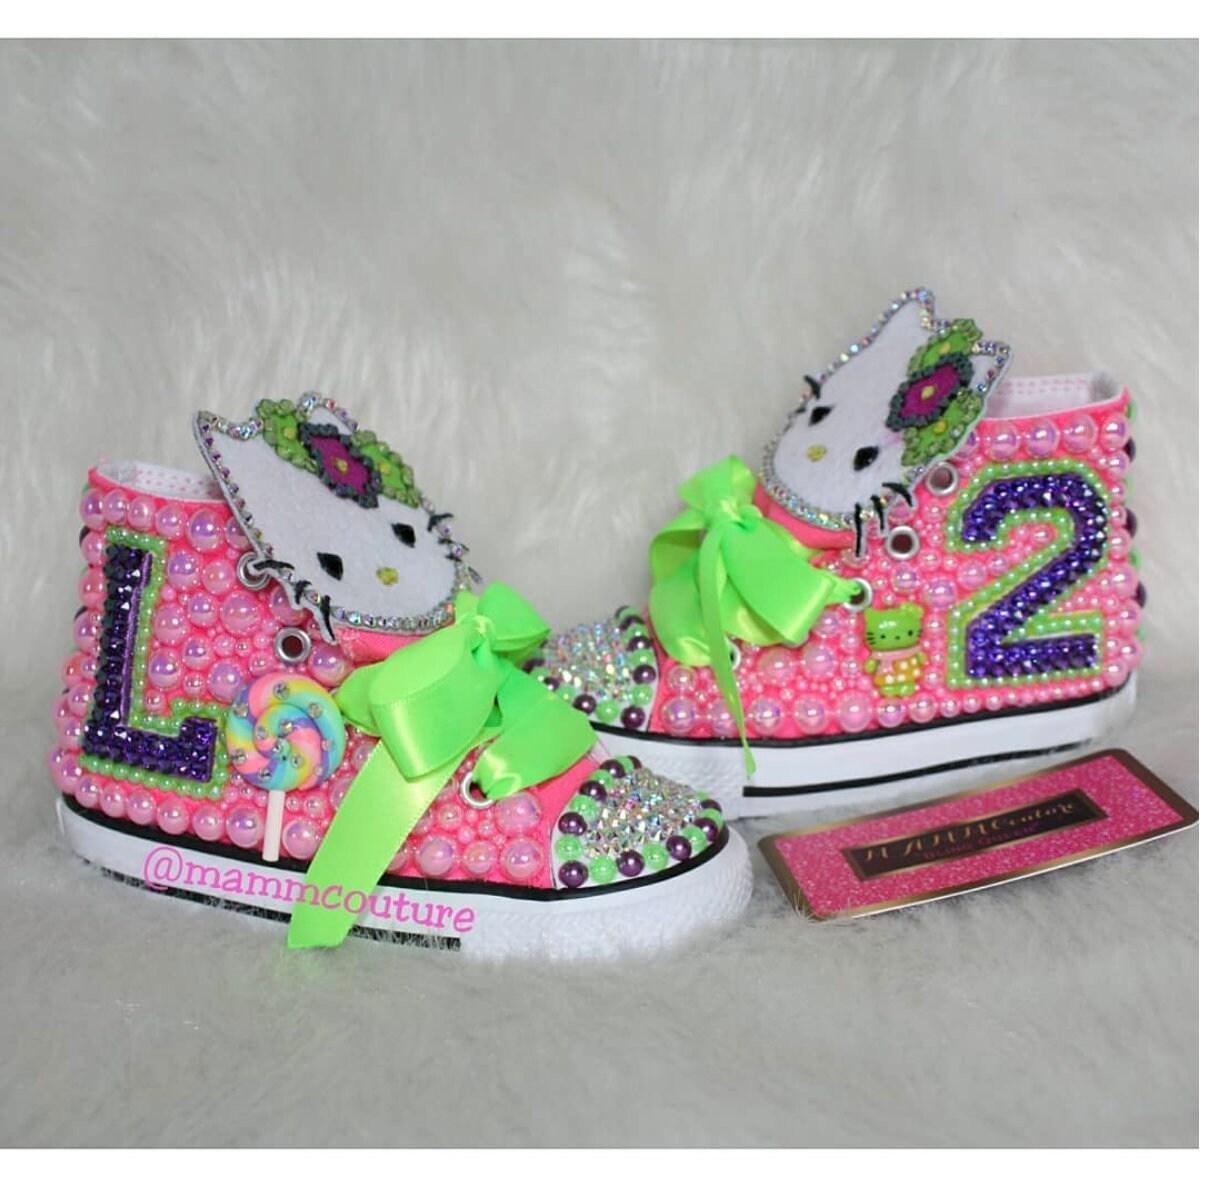 ad6ba62c0e Hello Kitty Shoes Hello Kitty Converse hello kitty outfit | Etsy